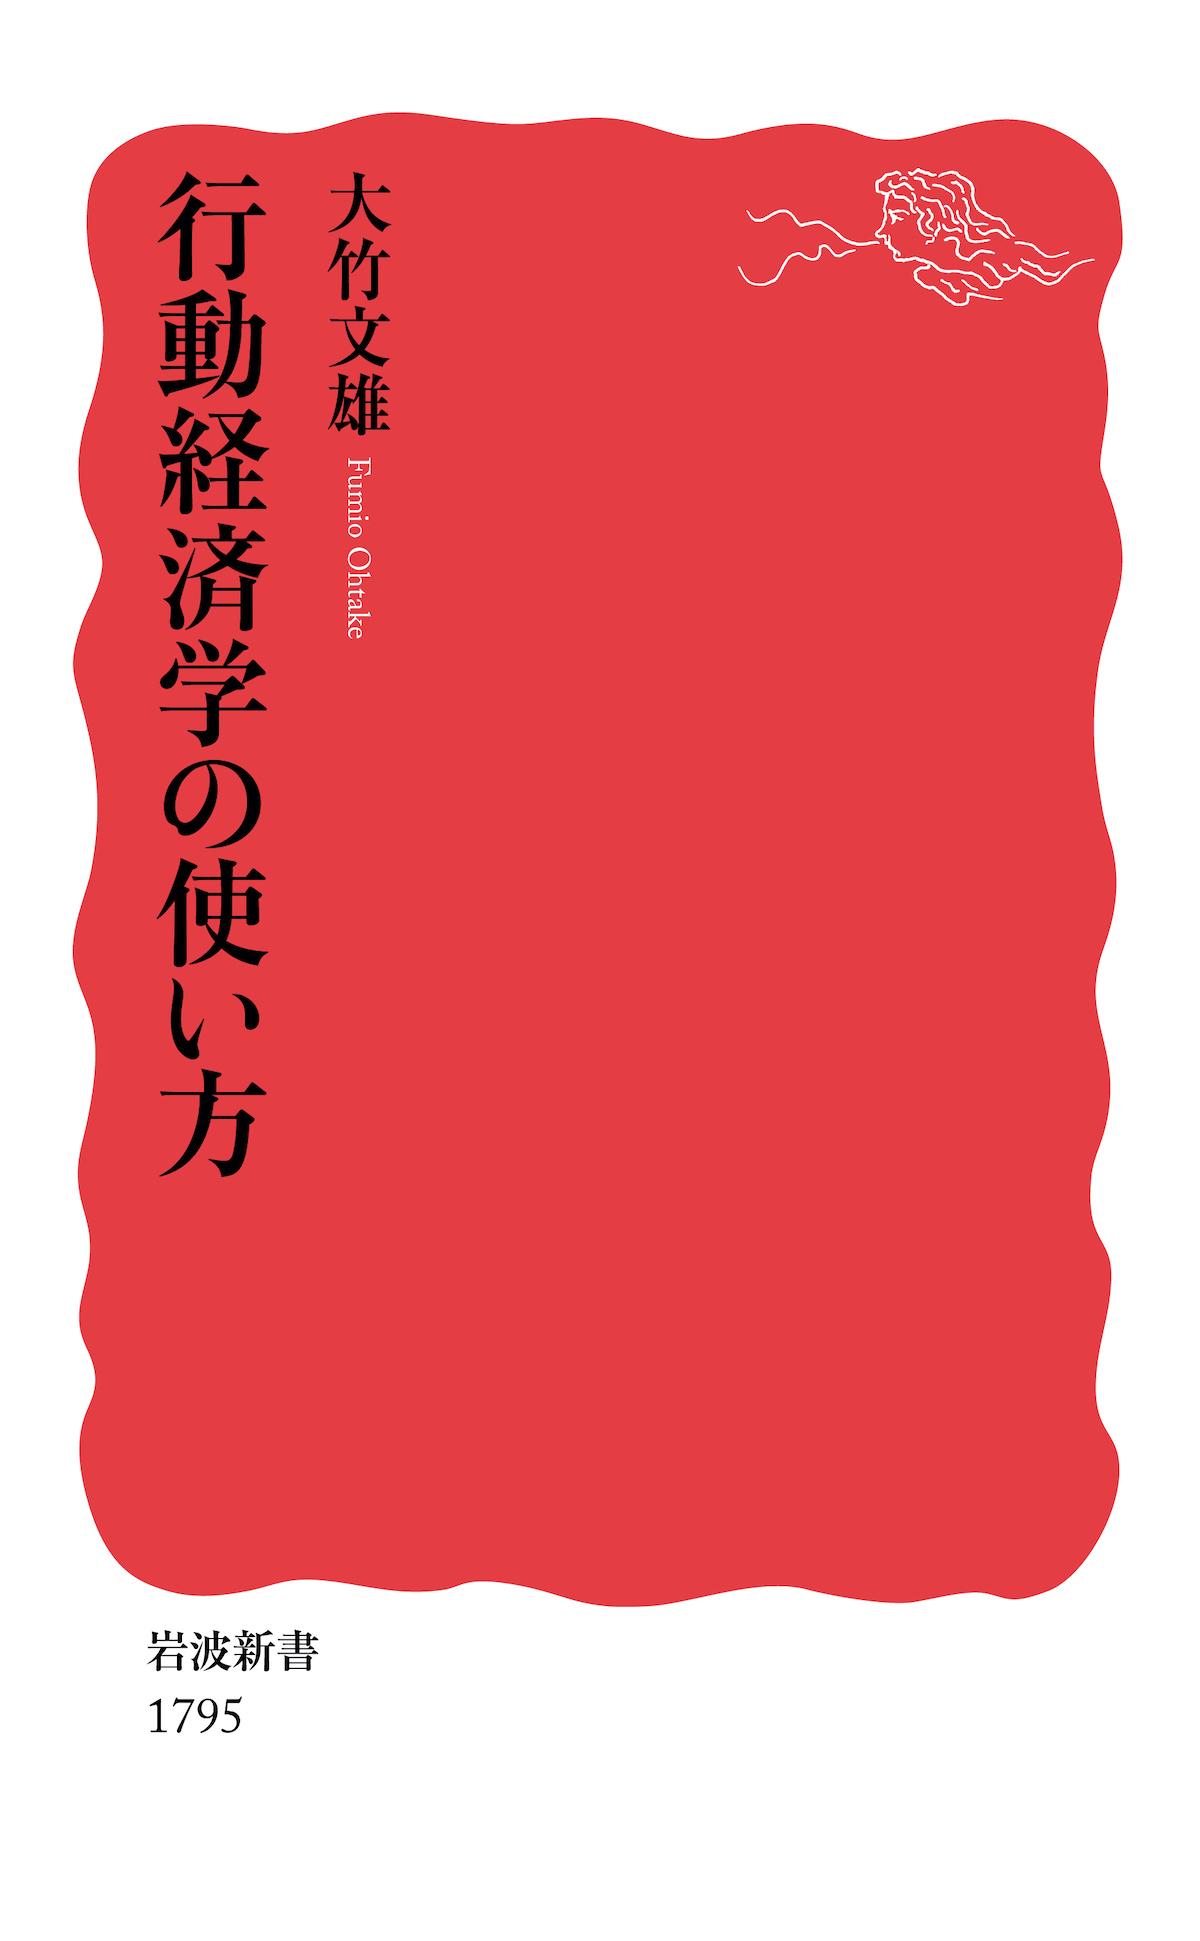 『行動経済学の使い方』(大竹文雄/岩波書店)